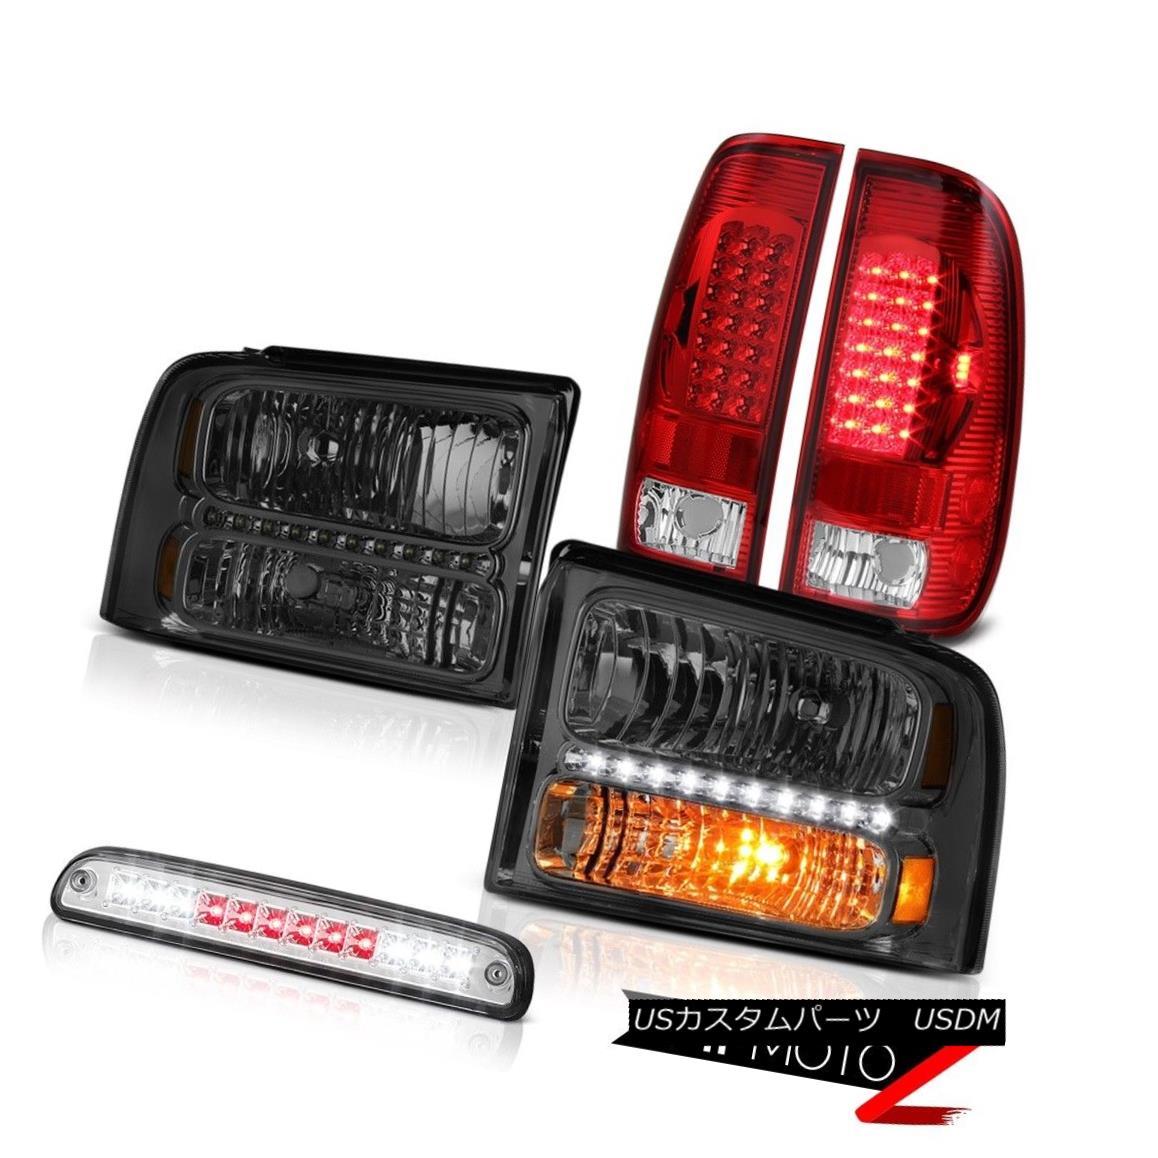 ヘッドライト 05-07 Ford F250 SD Crystal Smoke Headlights SMD Tail Light Clear Third Brake LED 05-07 Ford F250 SDクリスタルスモークヘッドライトSMDテールライトクリア第3ブレーキLED